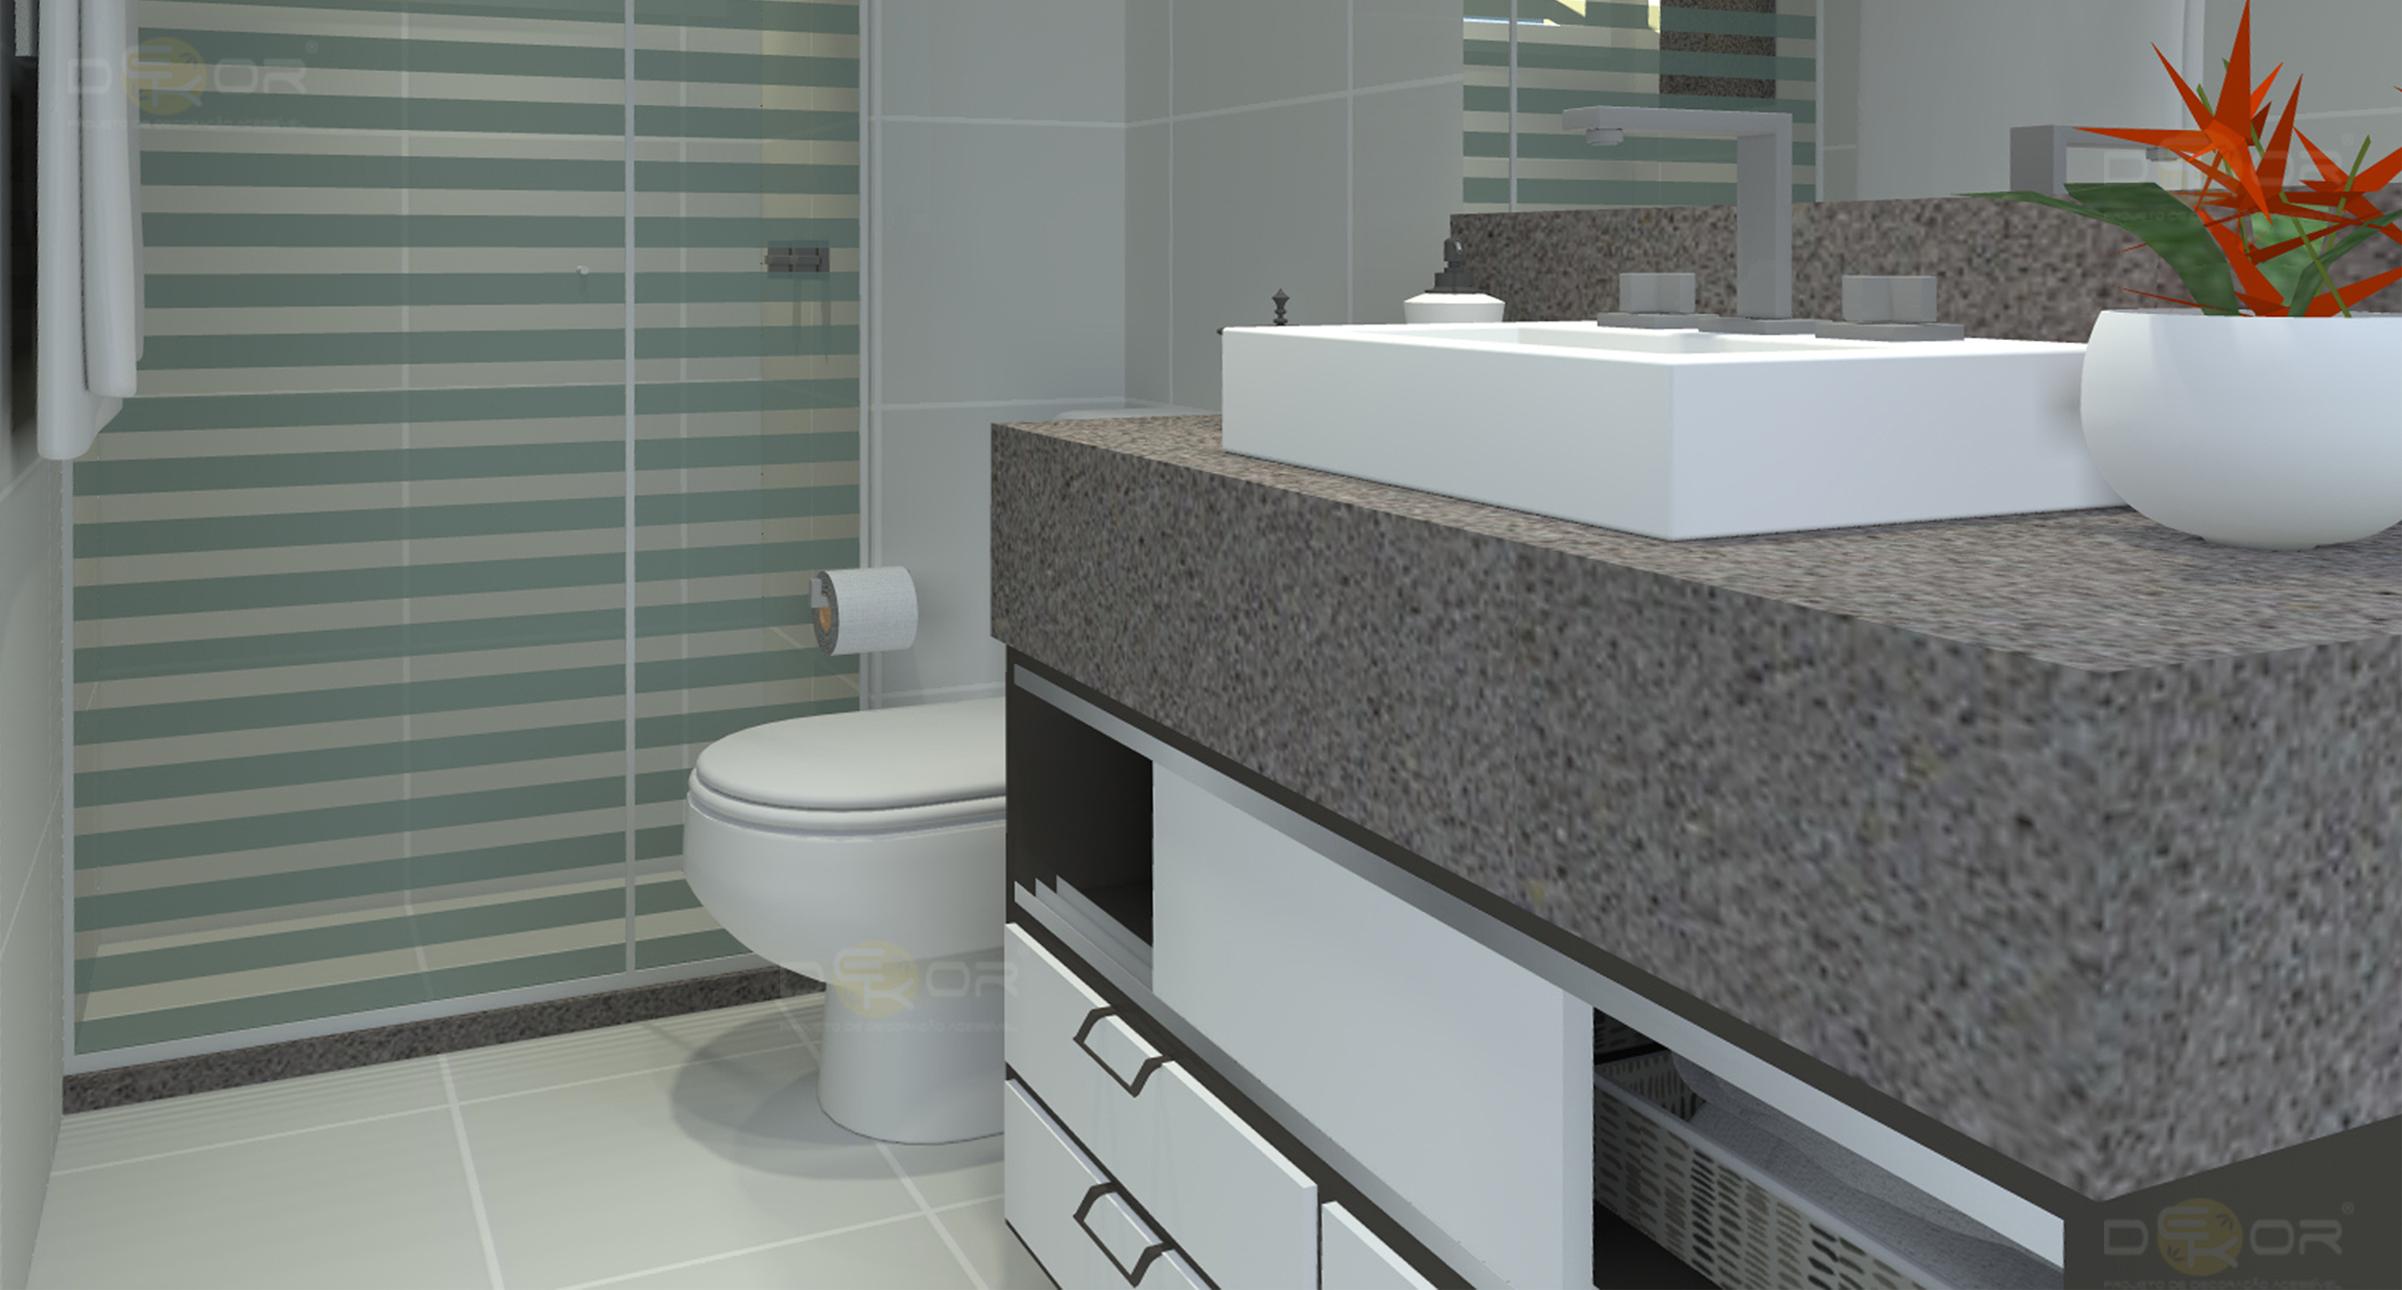 Projeto de Banheiro – Decoração Online #12 Erika Karpuk #753F29 2402 1290